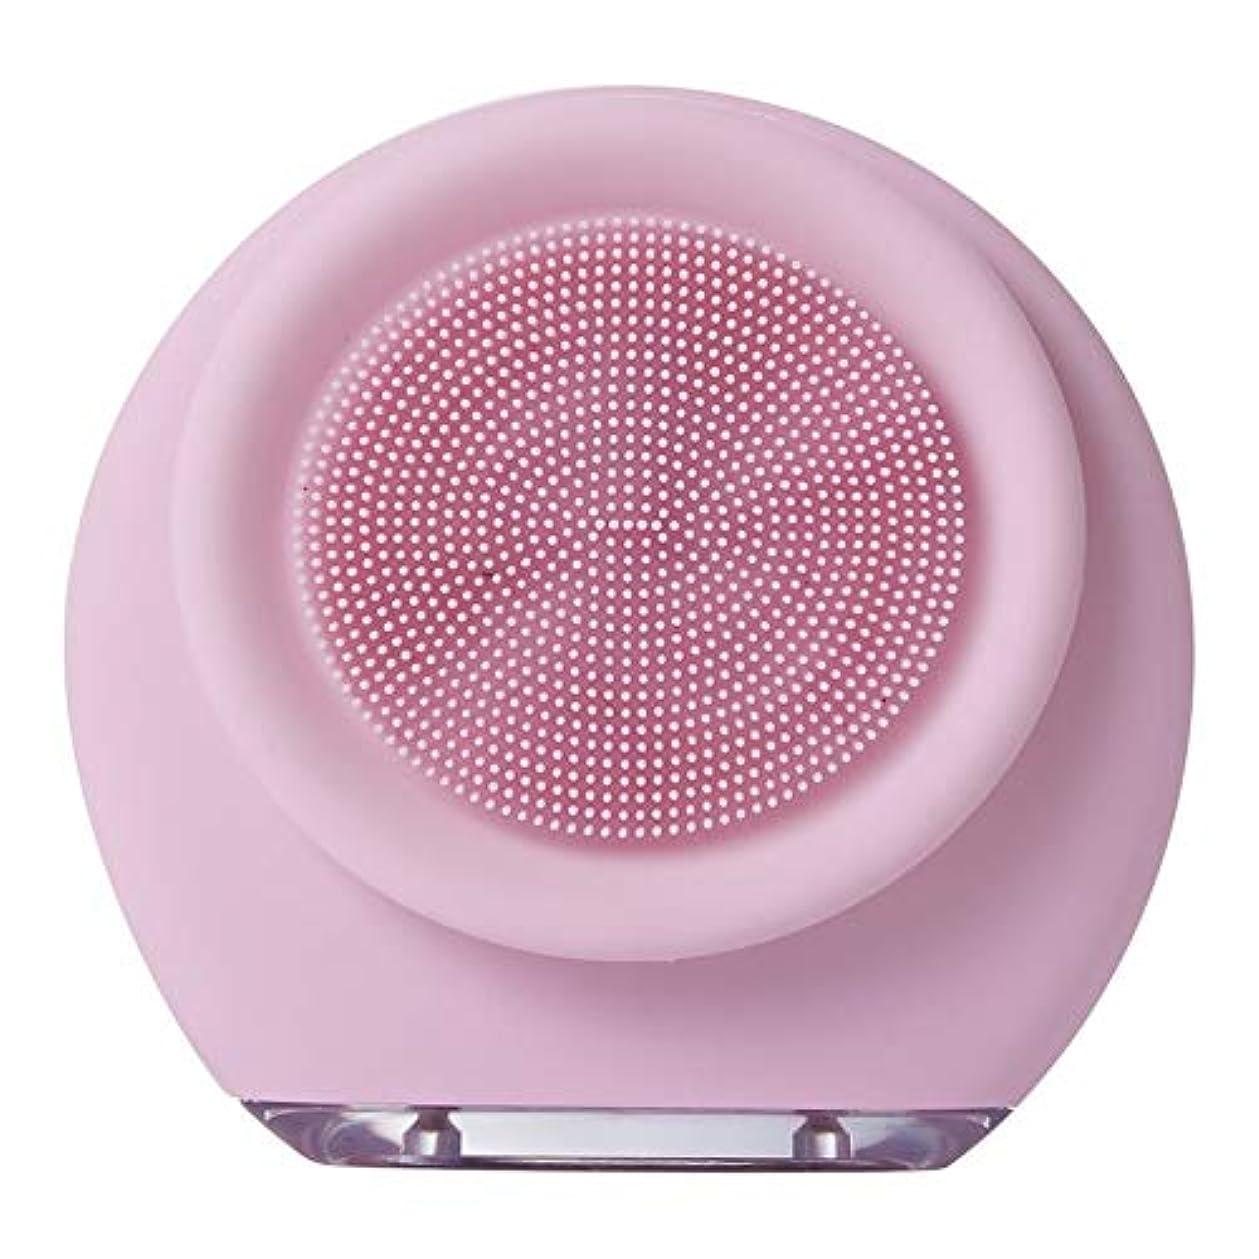 ブリーフケース形に向けて出発ZHILI フェイスクリーナー防水電動フェイスクレンザーシリコンフェイシャルブラシマッサージャー削除肌にきびにきび毛穴美容ツール (Color : Pink)